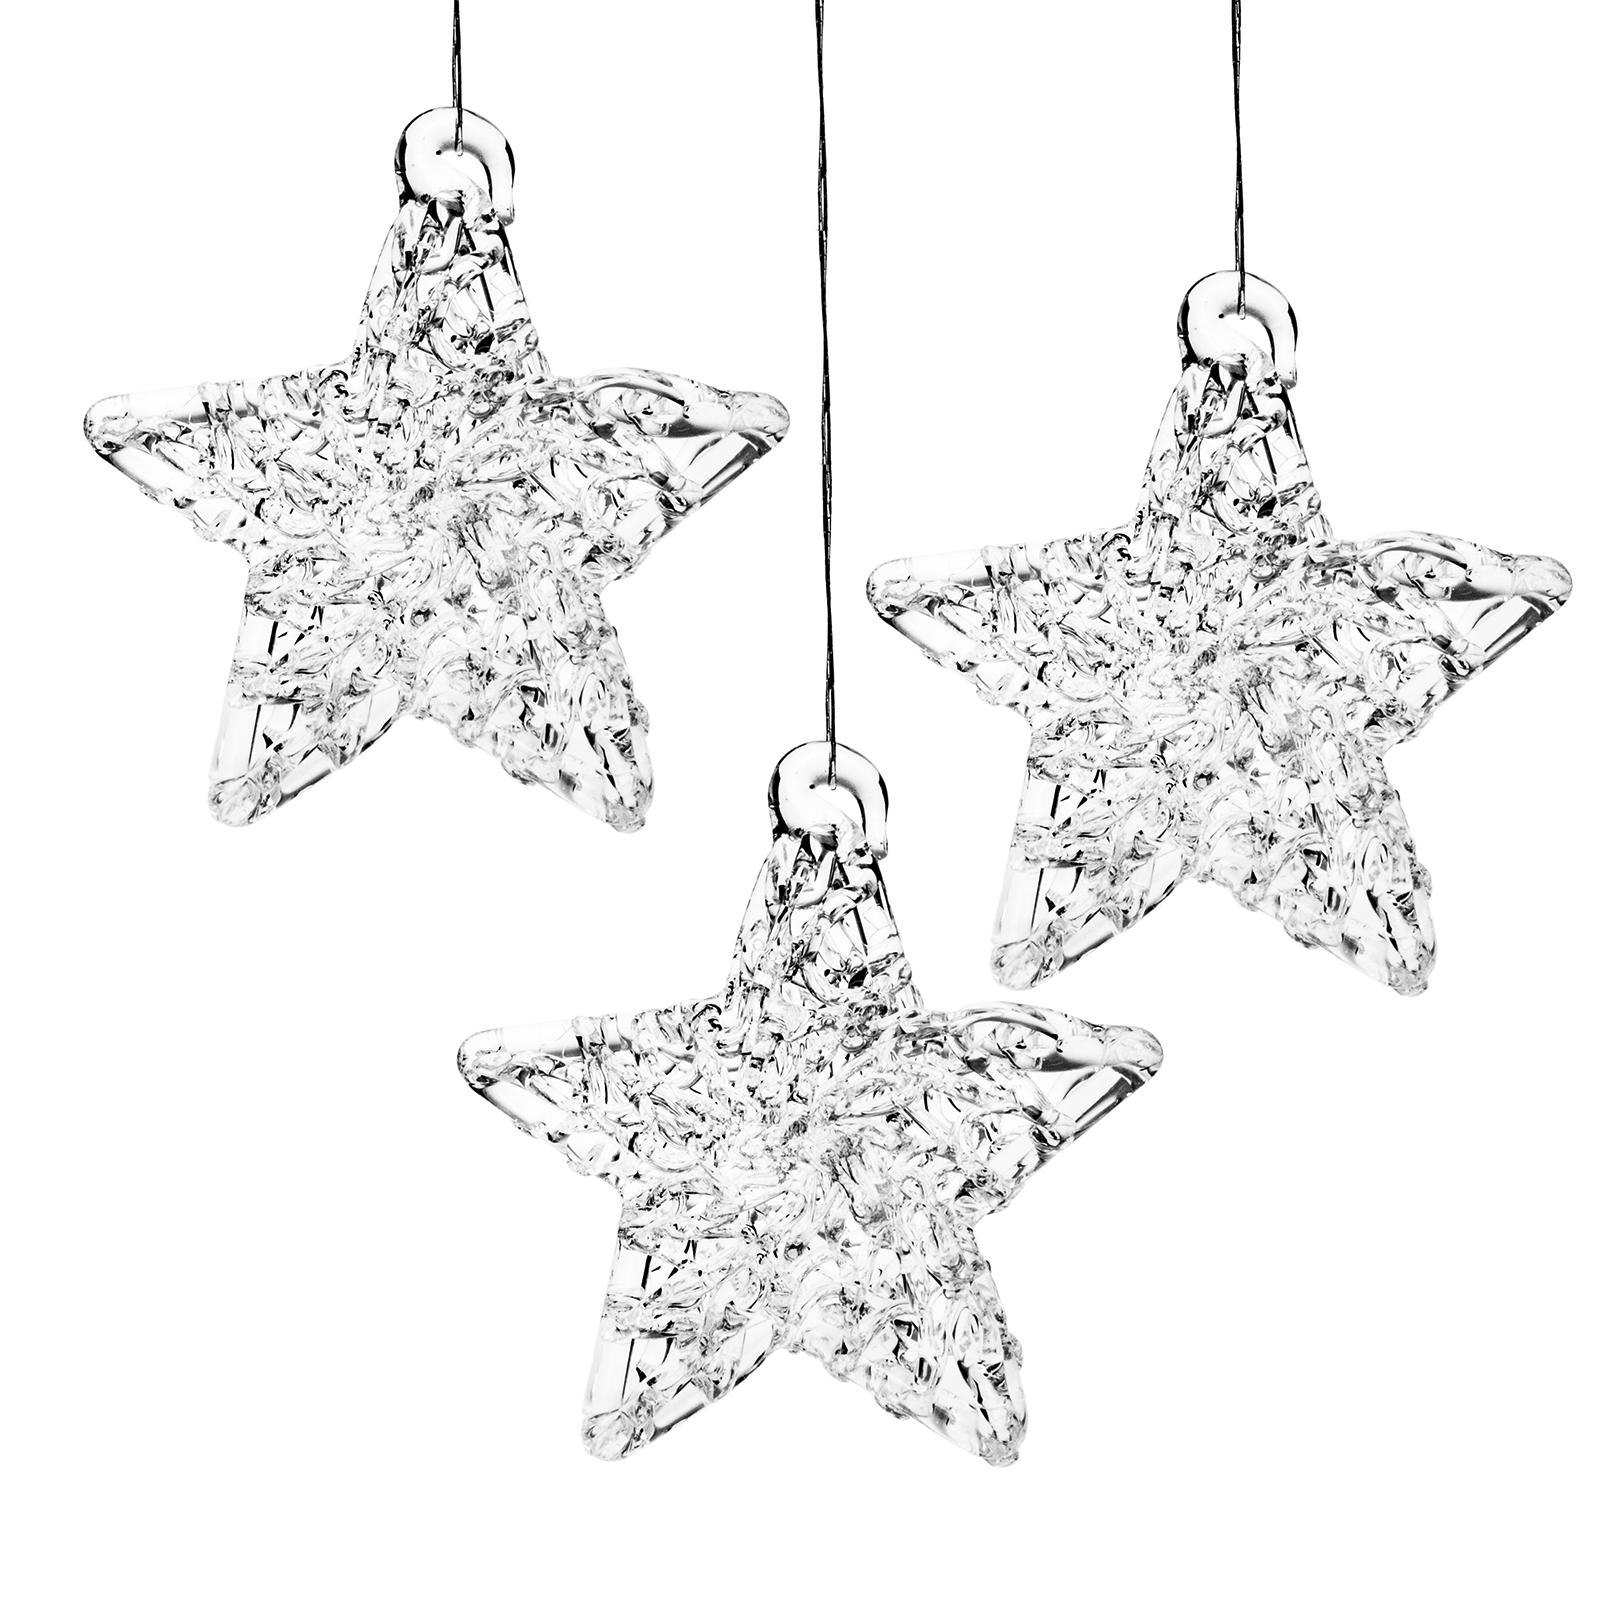 Sterne Für Weihnachtsbaum.Details Zu Sikora Christbaumschmuck Weihnachtsbaum Anhänger Glas Stern 3er Set